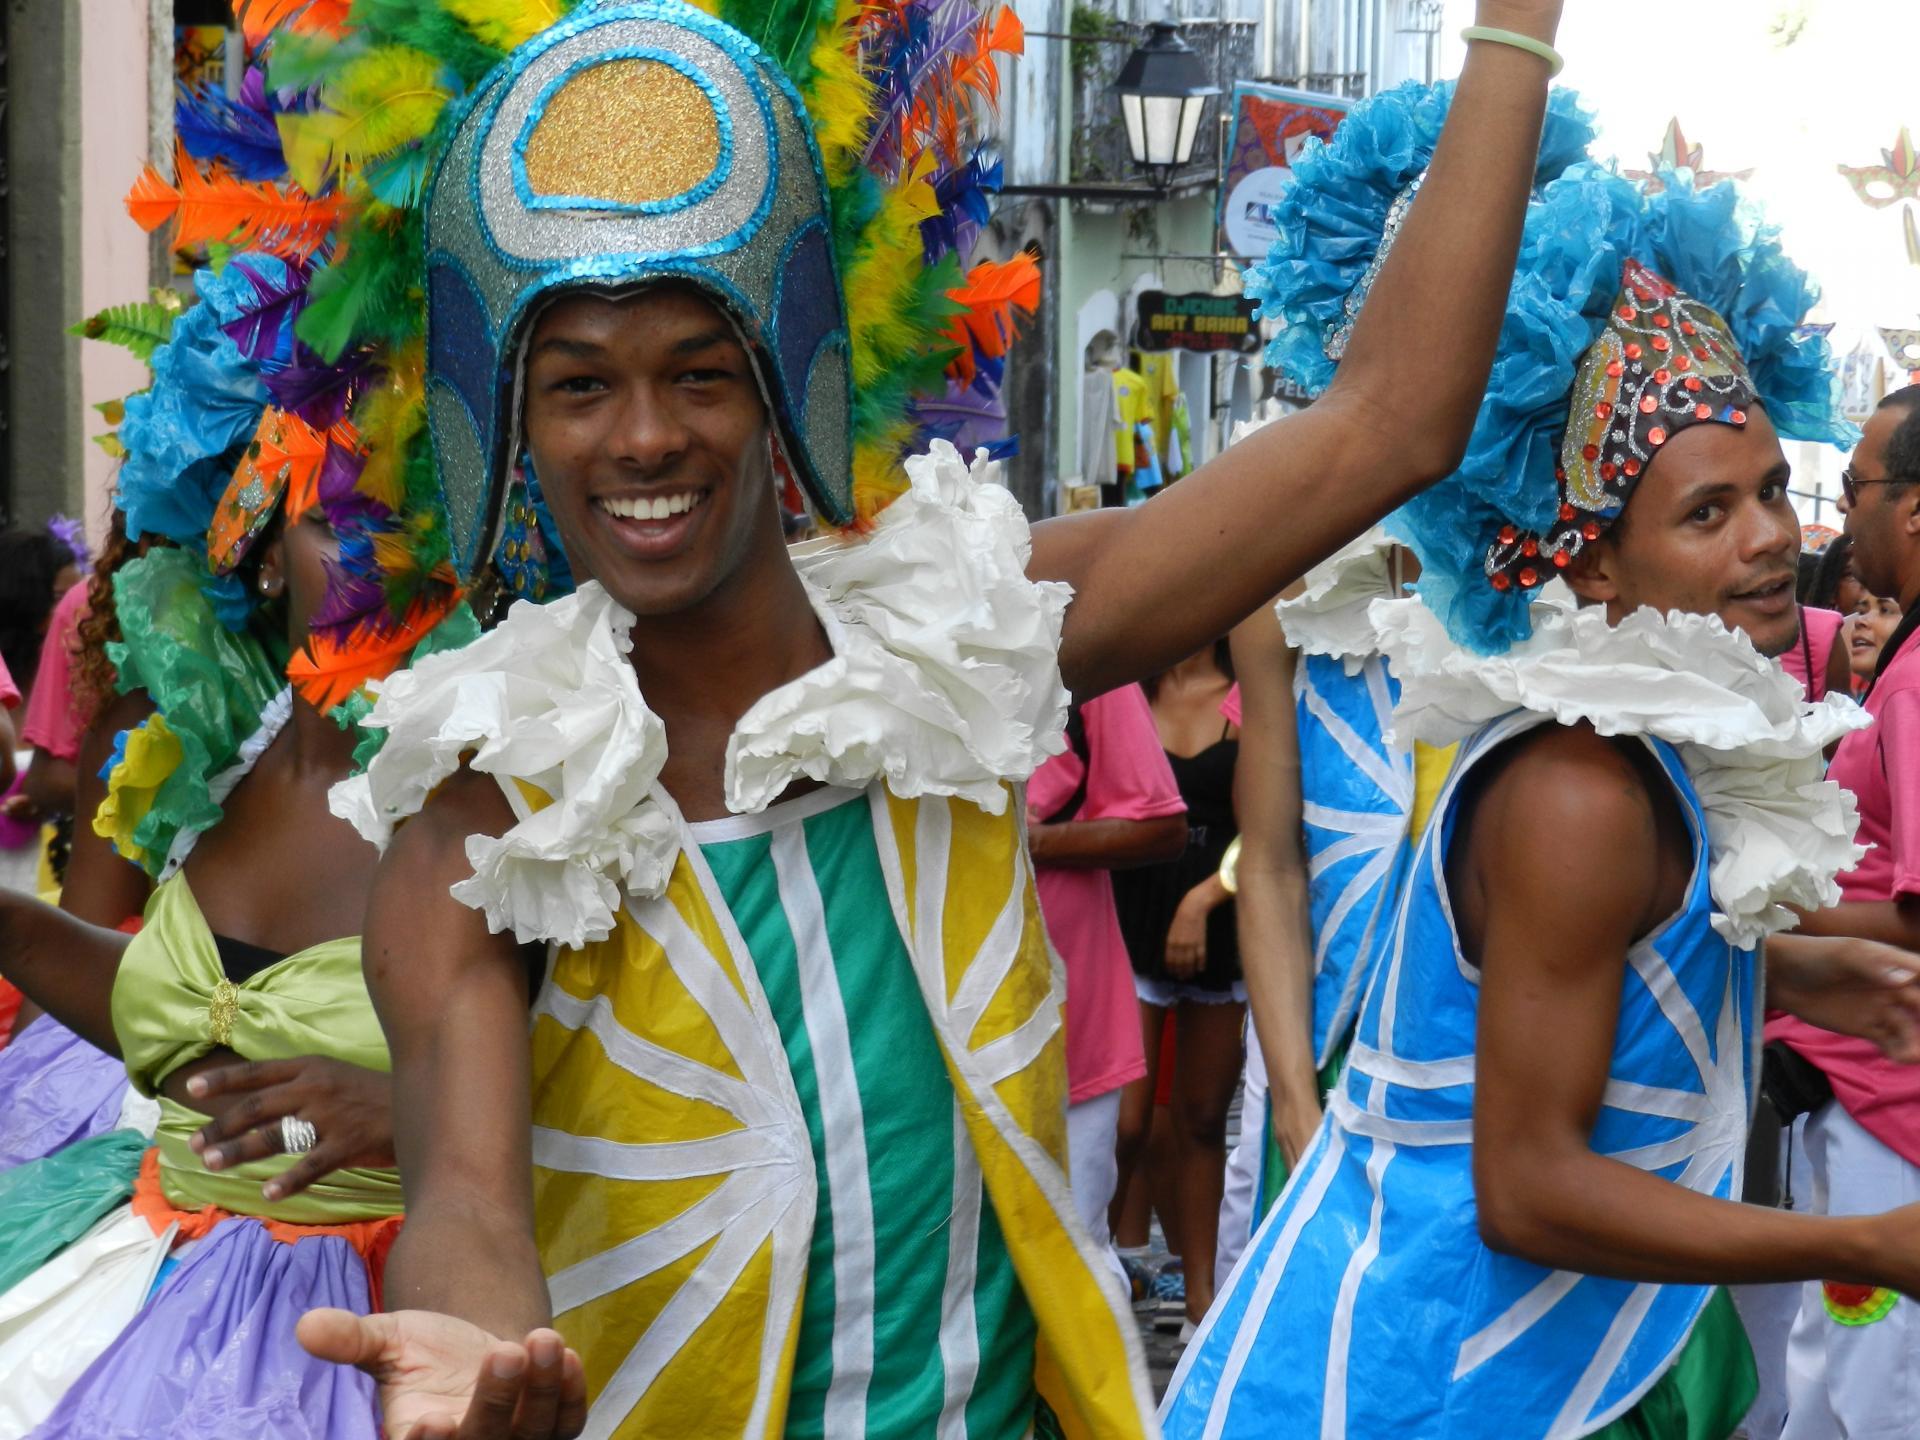 Zwei verkleidete Männer strahlen glücklich im Straßenkarneval-Event in Salvador da Bahia